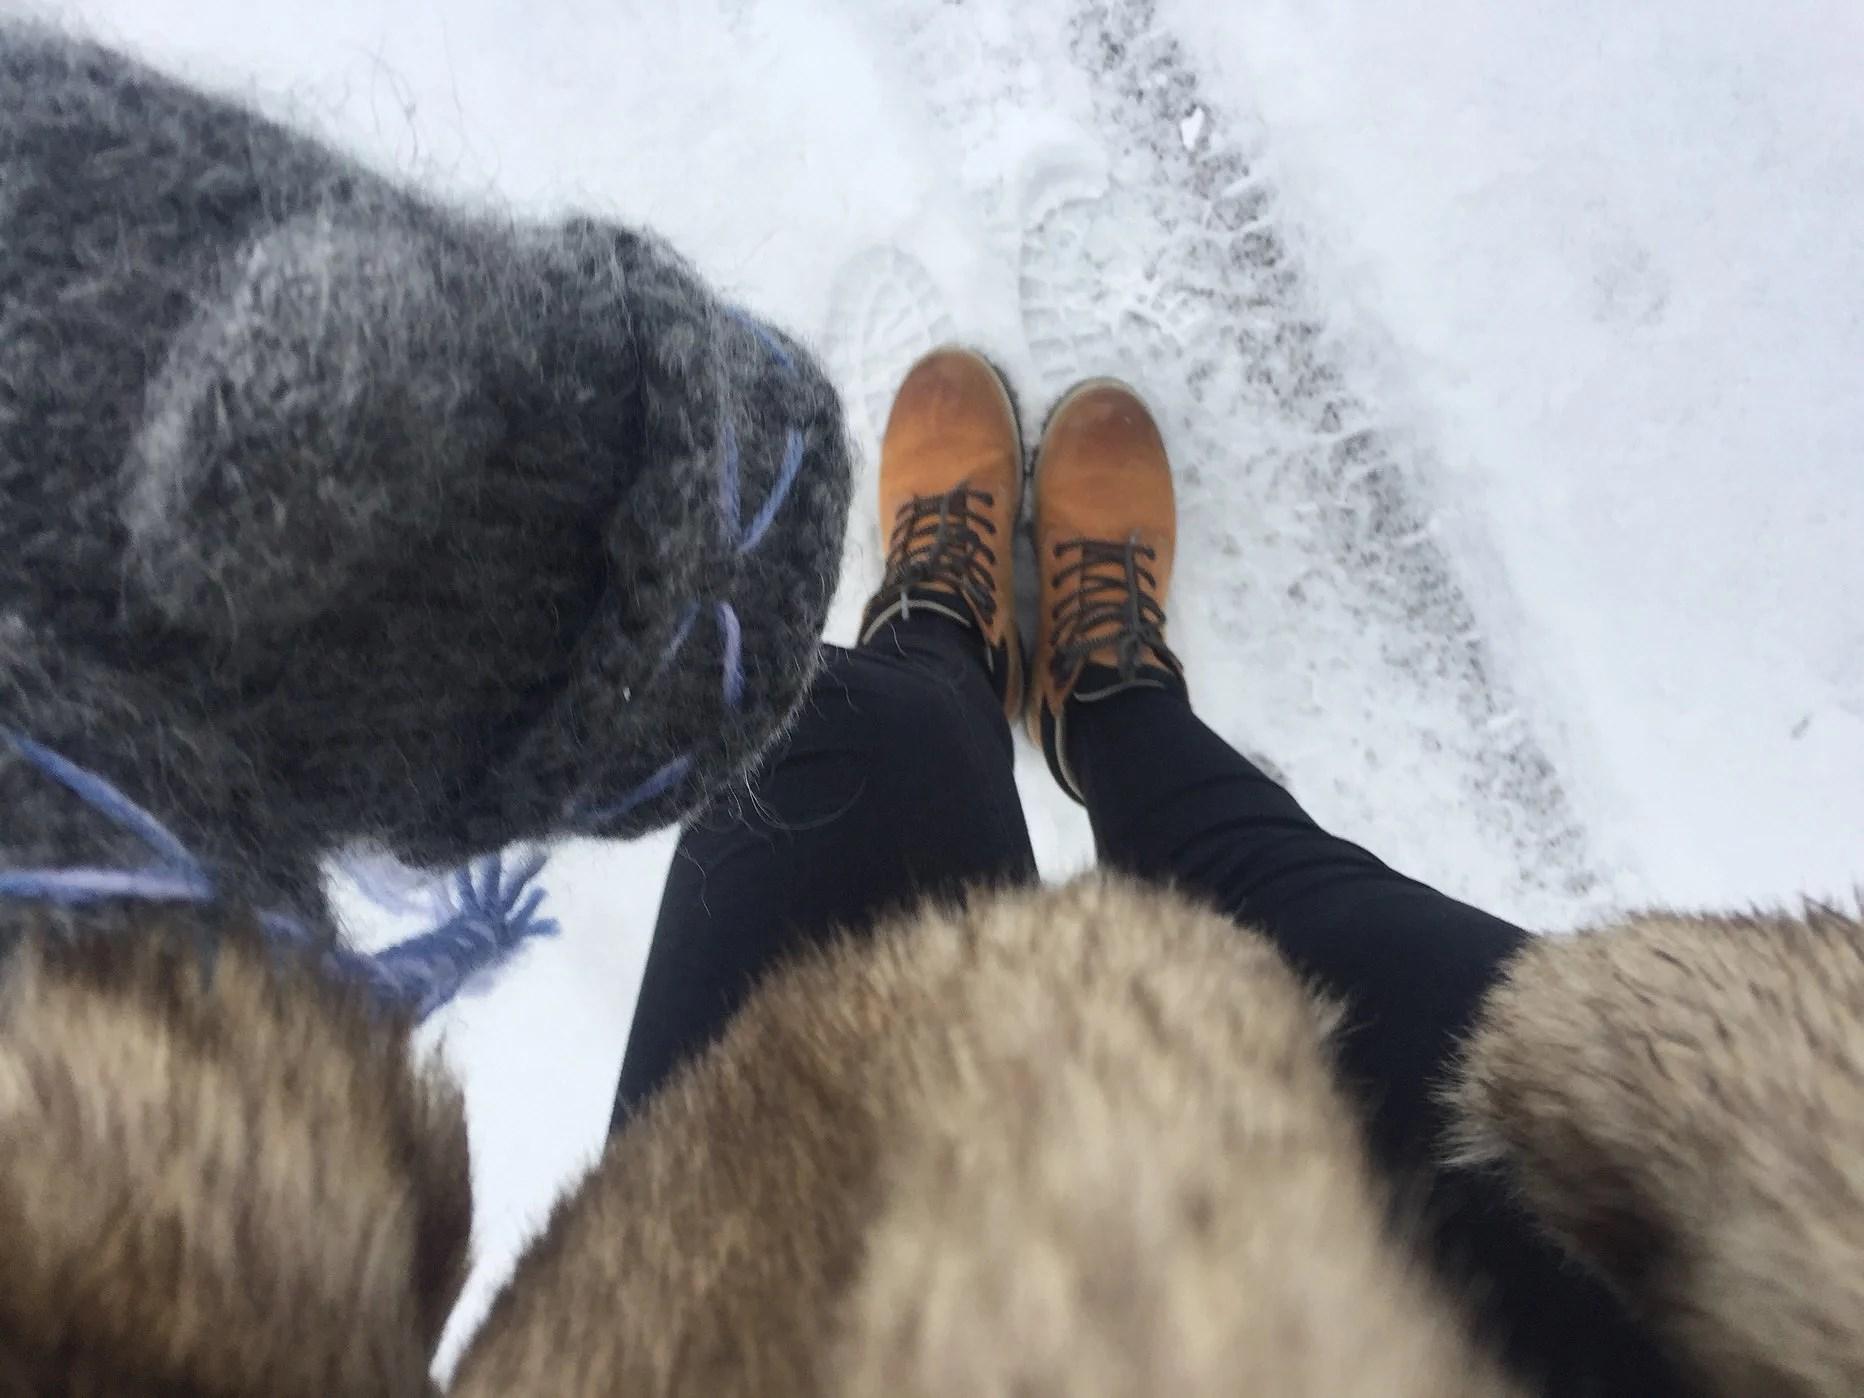 Pälsjacka & snö